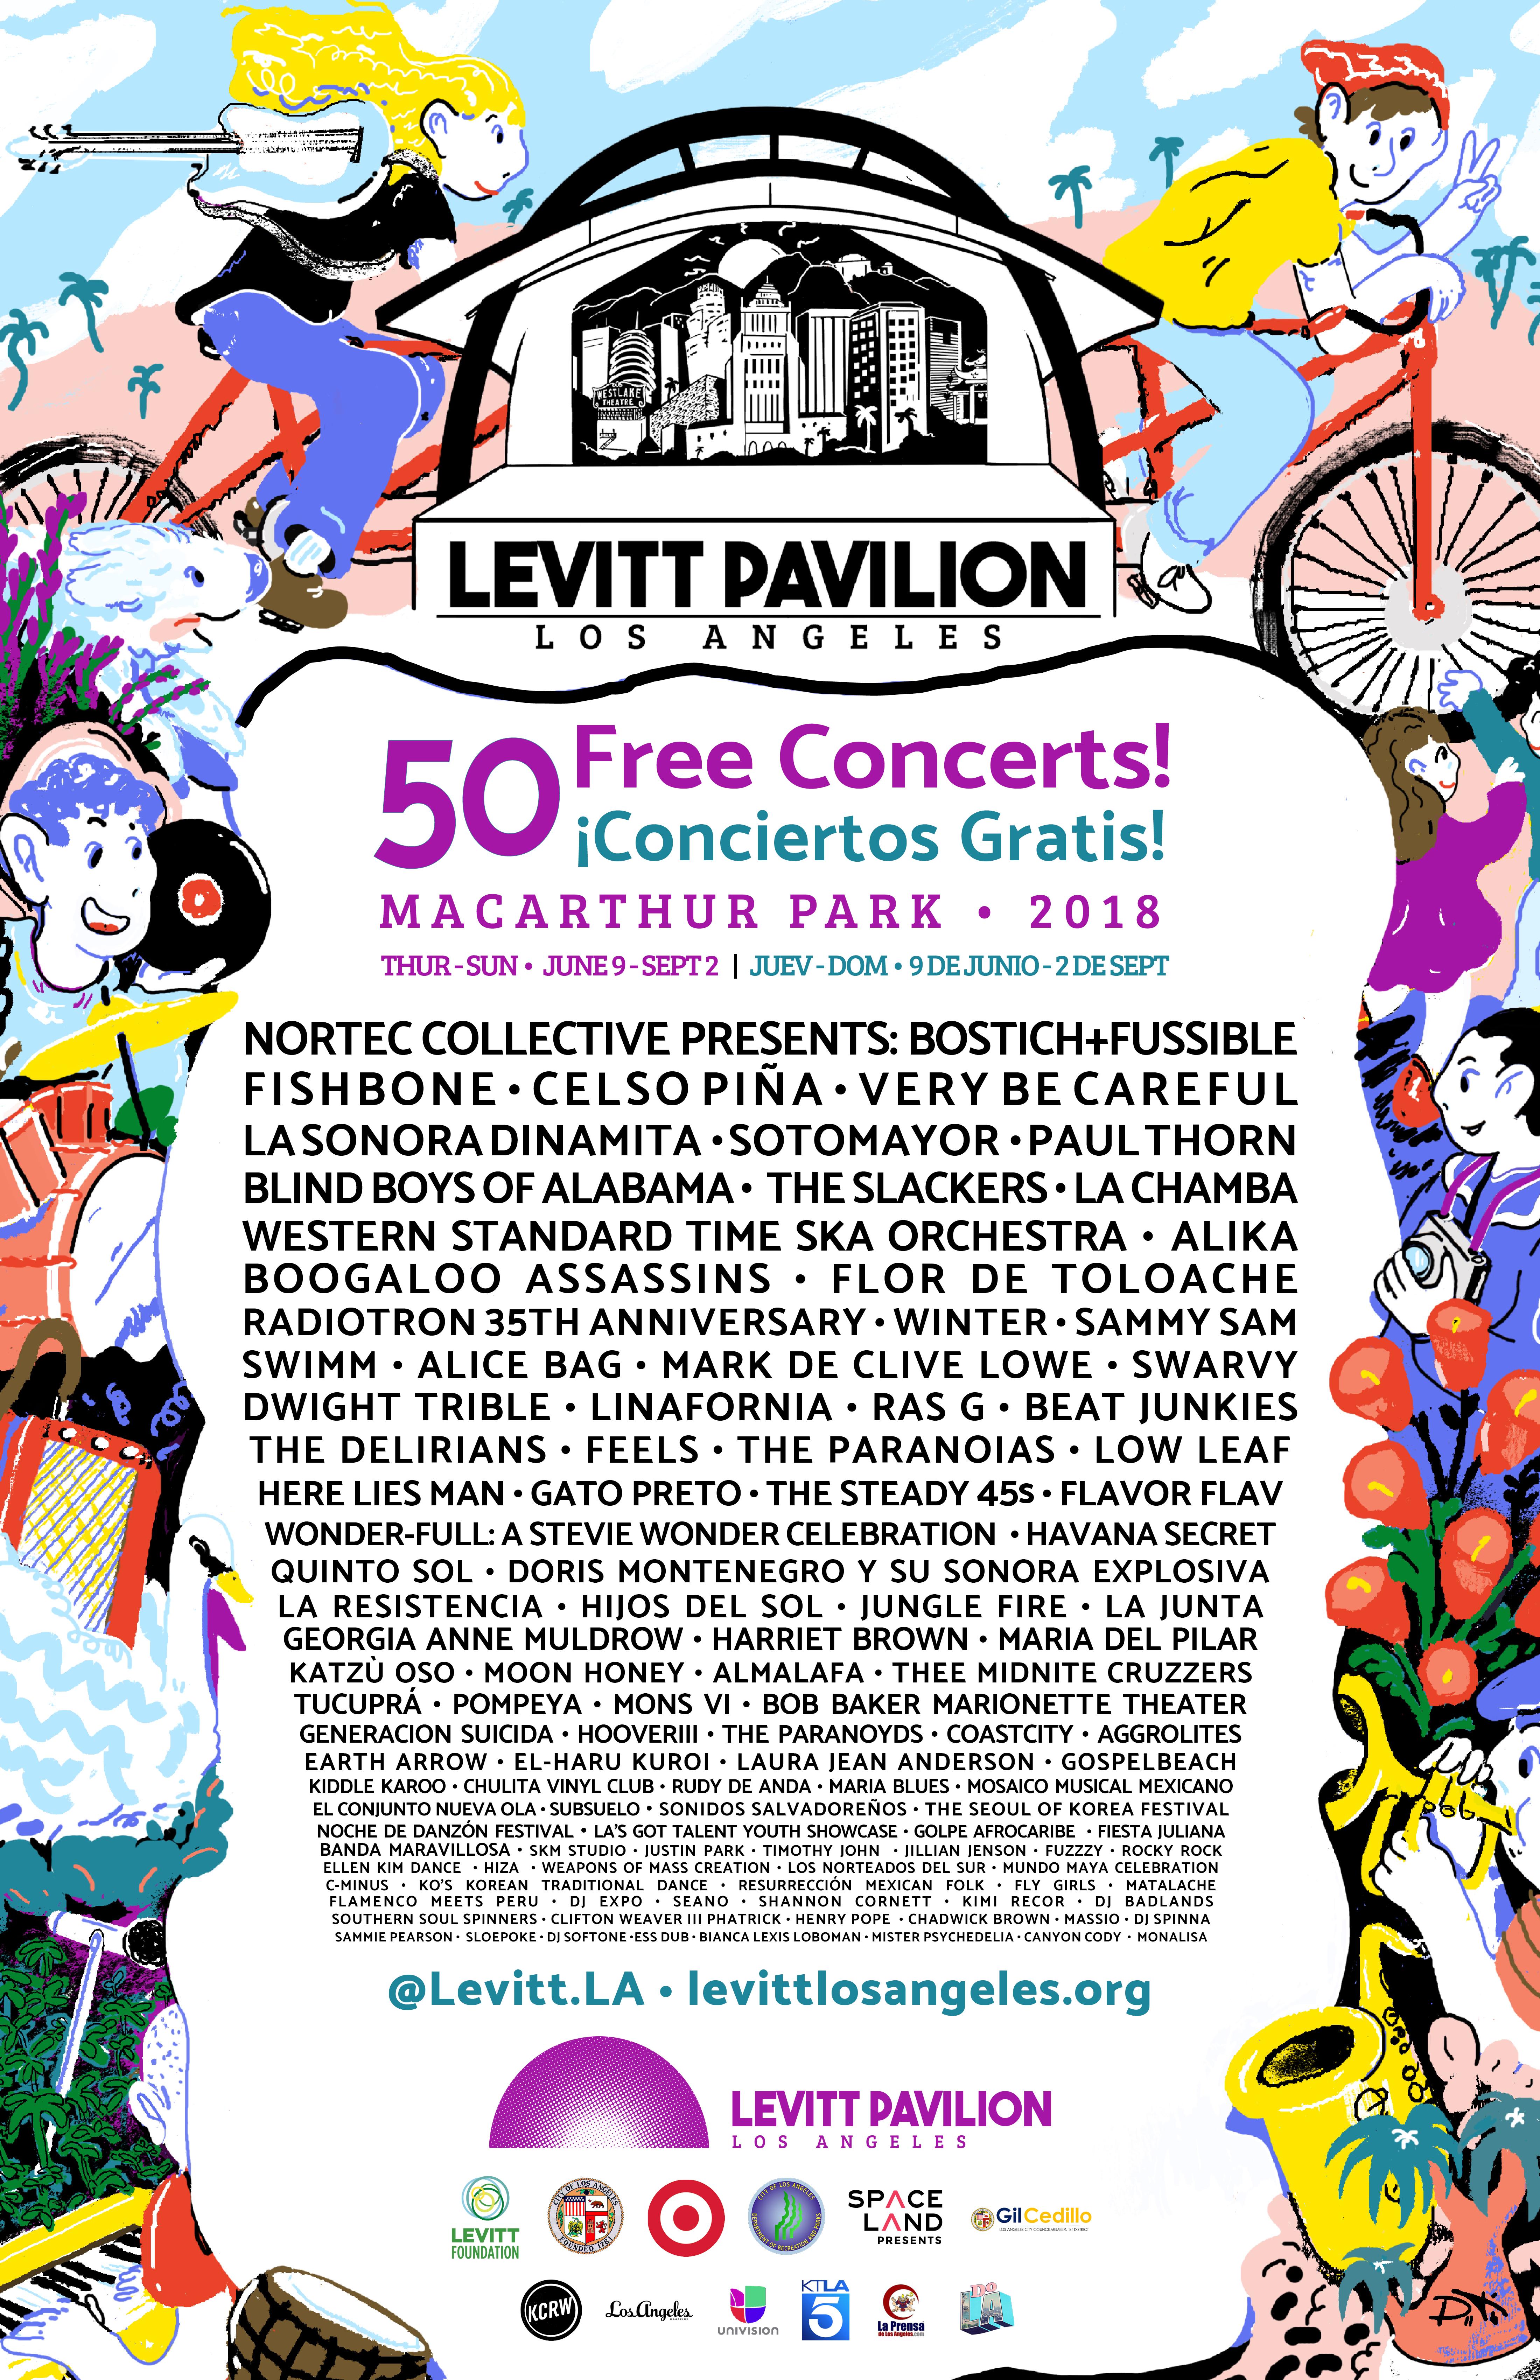 Levitt_Pavilion_Los_Angeles_2018_Poster_(FINAL).png